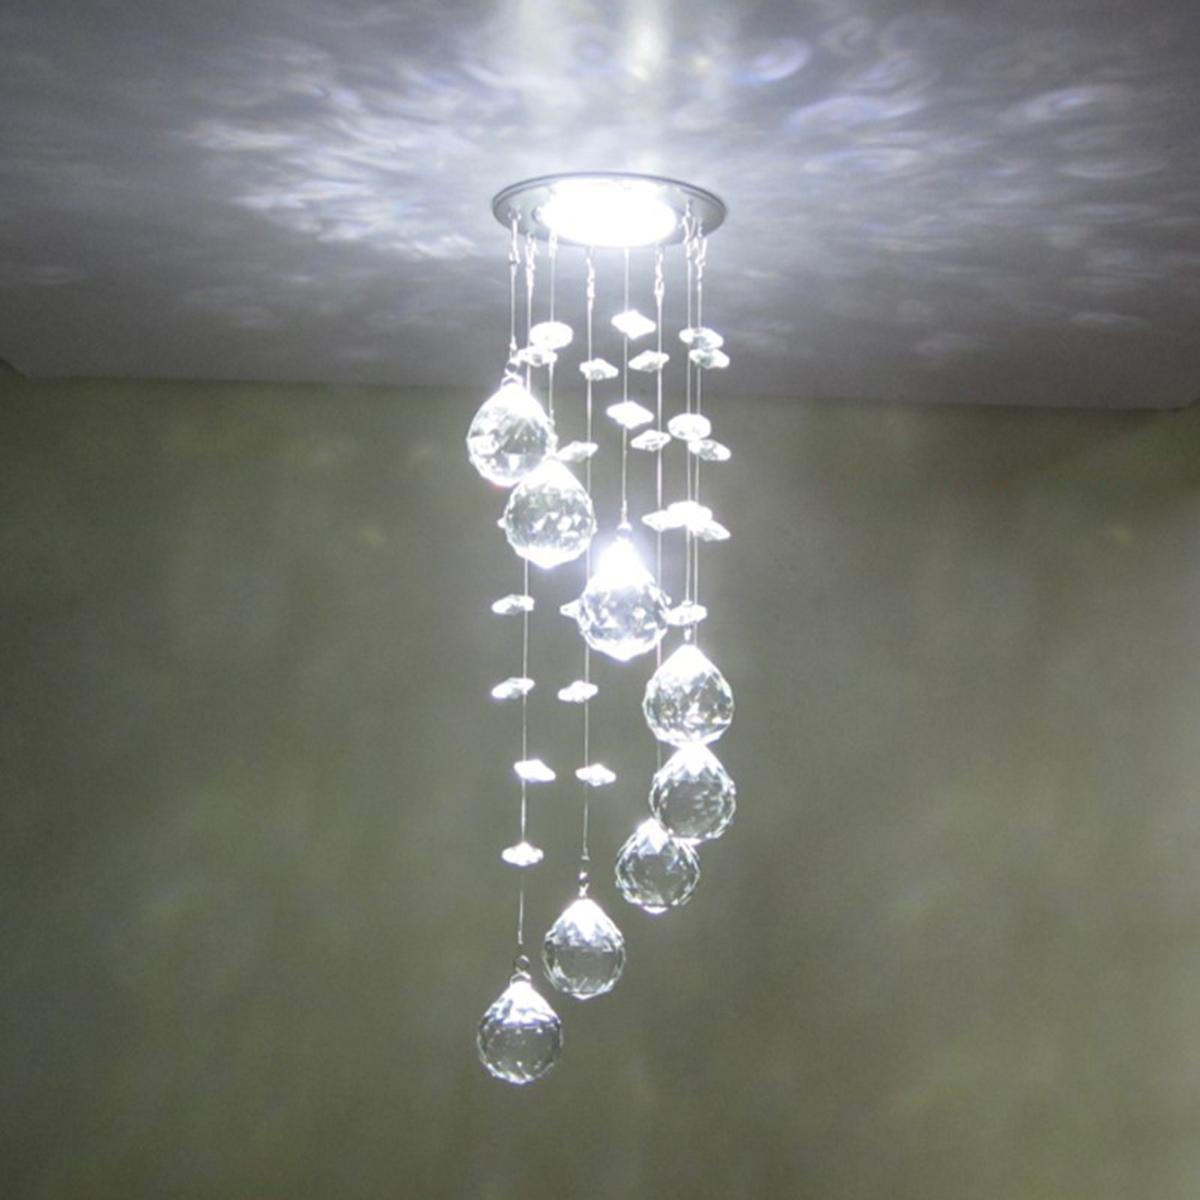 Crystal chandelier modern led k9 ceiling light fixture for living room hotel hallway